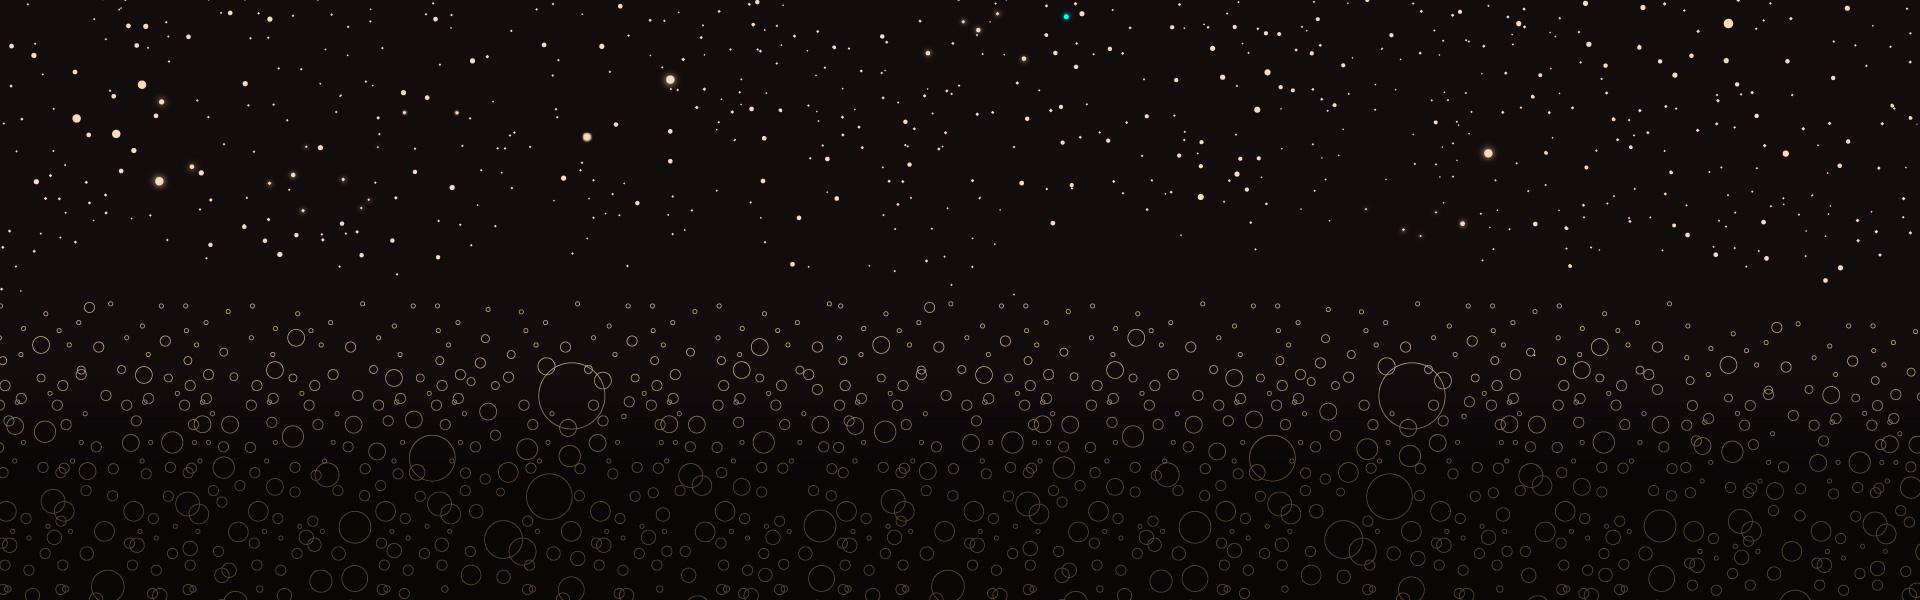 Estrellas-Burbujas-v5-bckg